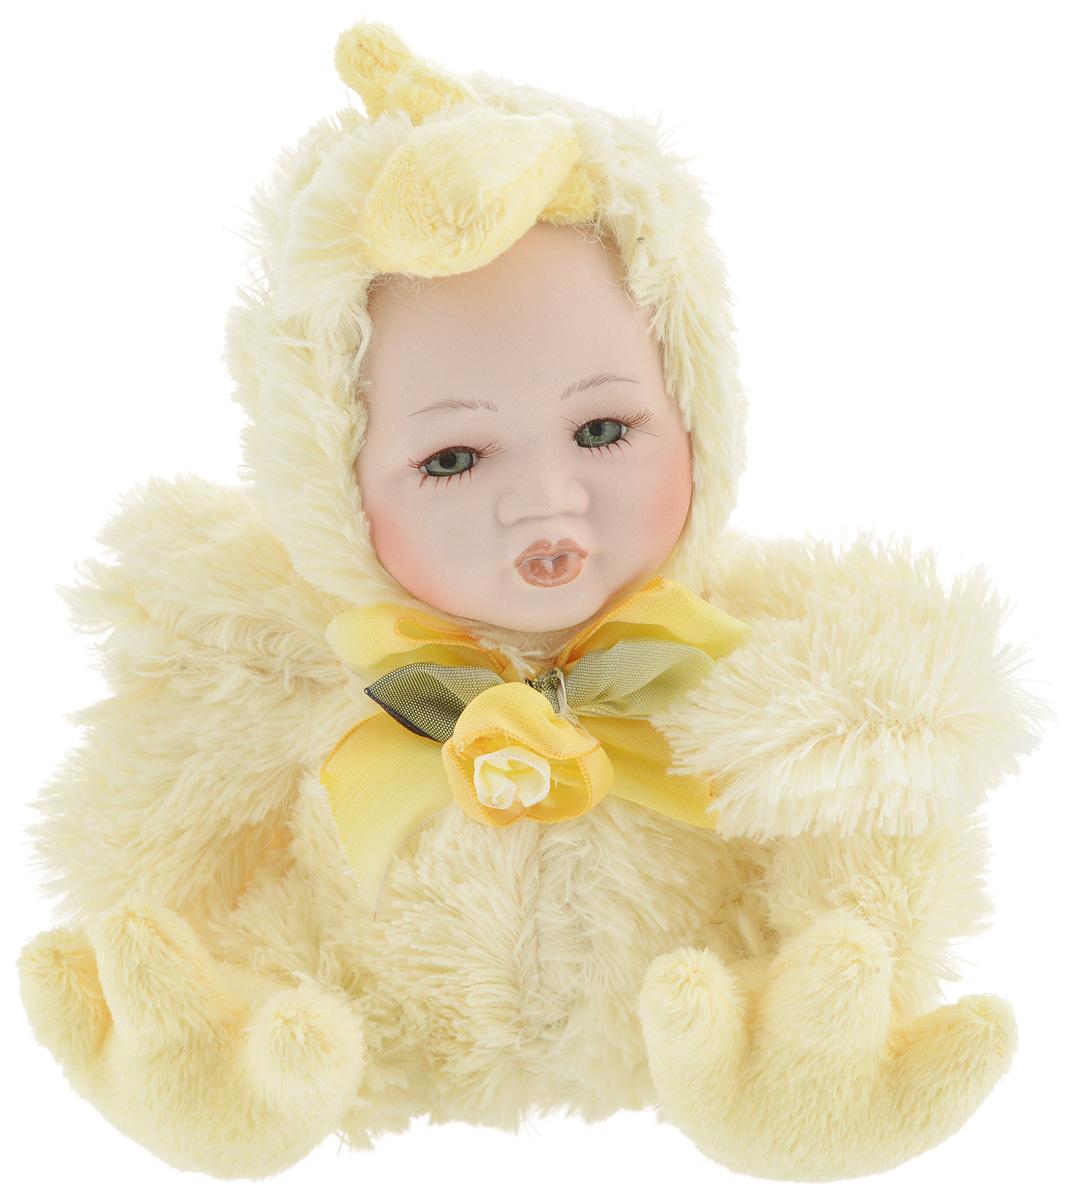 Фигурка ESTRO Ребенок в костюме цыпленка, цвет: желтый, высота 17 см97775318Декоративная фигурка Ребенок в костюме цыпленка изготовлена из высококачественных материалов в оригинальном стиле. Фигурка выполнена в виде ребенка в костюме цыпленка.Уютнаяи милая интерьерная игрушка предназначена для взрослых и детей, для игр и украшения новогодней елки, да и просто, для создания праздничной атмосферыв интерьере! Фигурка прекрасно украсит ваш дом к празднику, а в остальные дни с ней с удовольствием будут играть дети. Оригинальный дизайн и красочное исполнение создадут праздничное настроение. Фигурка создана вручную, неповторима и оригинальна. Порадуйте своих друзей и близких этим замечательным подарком!